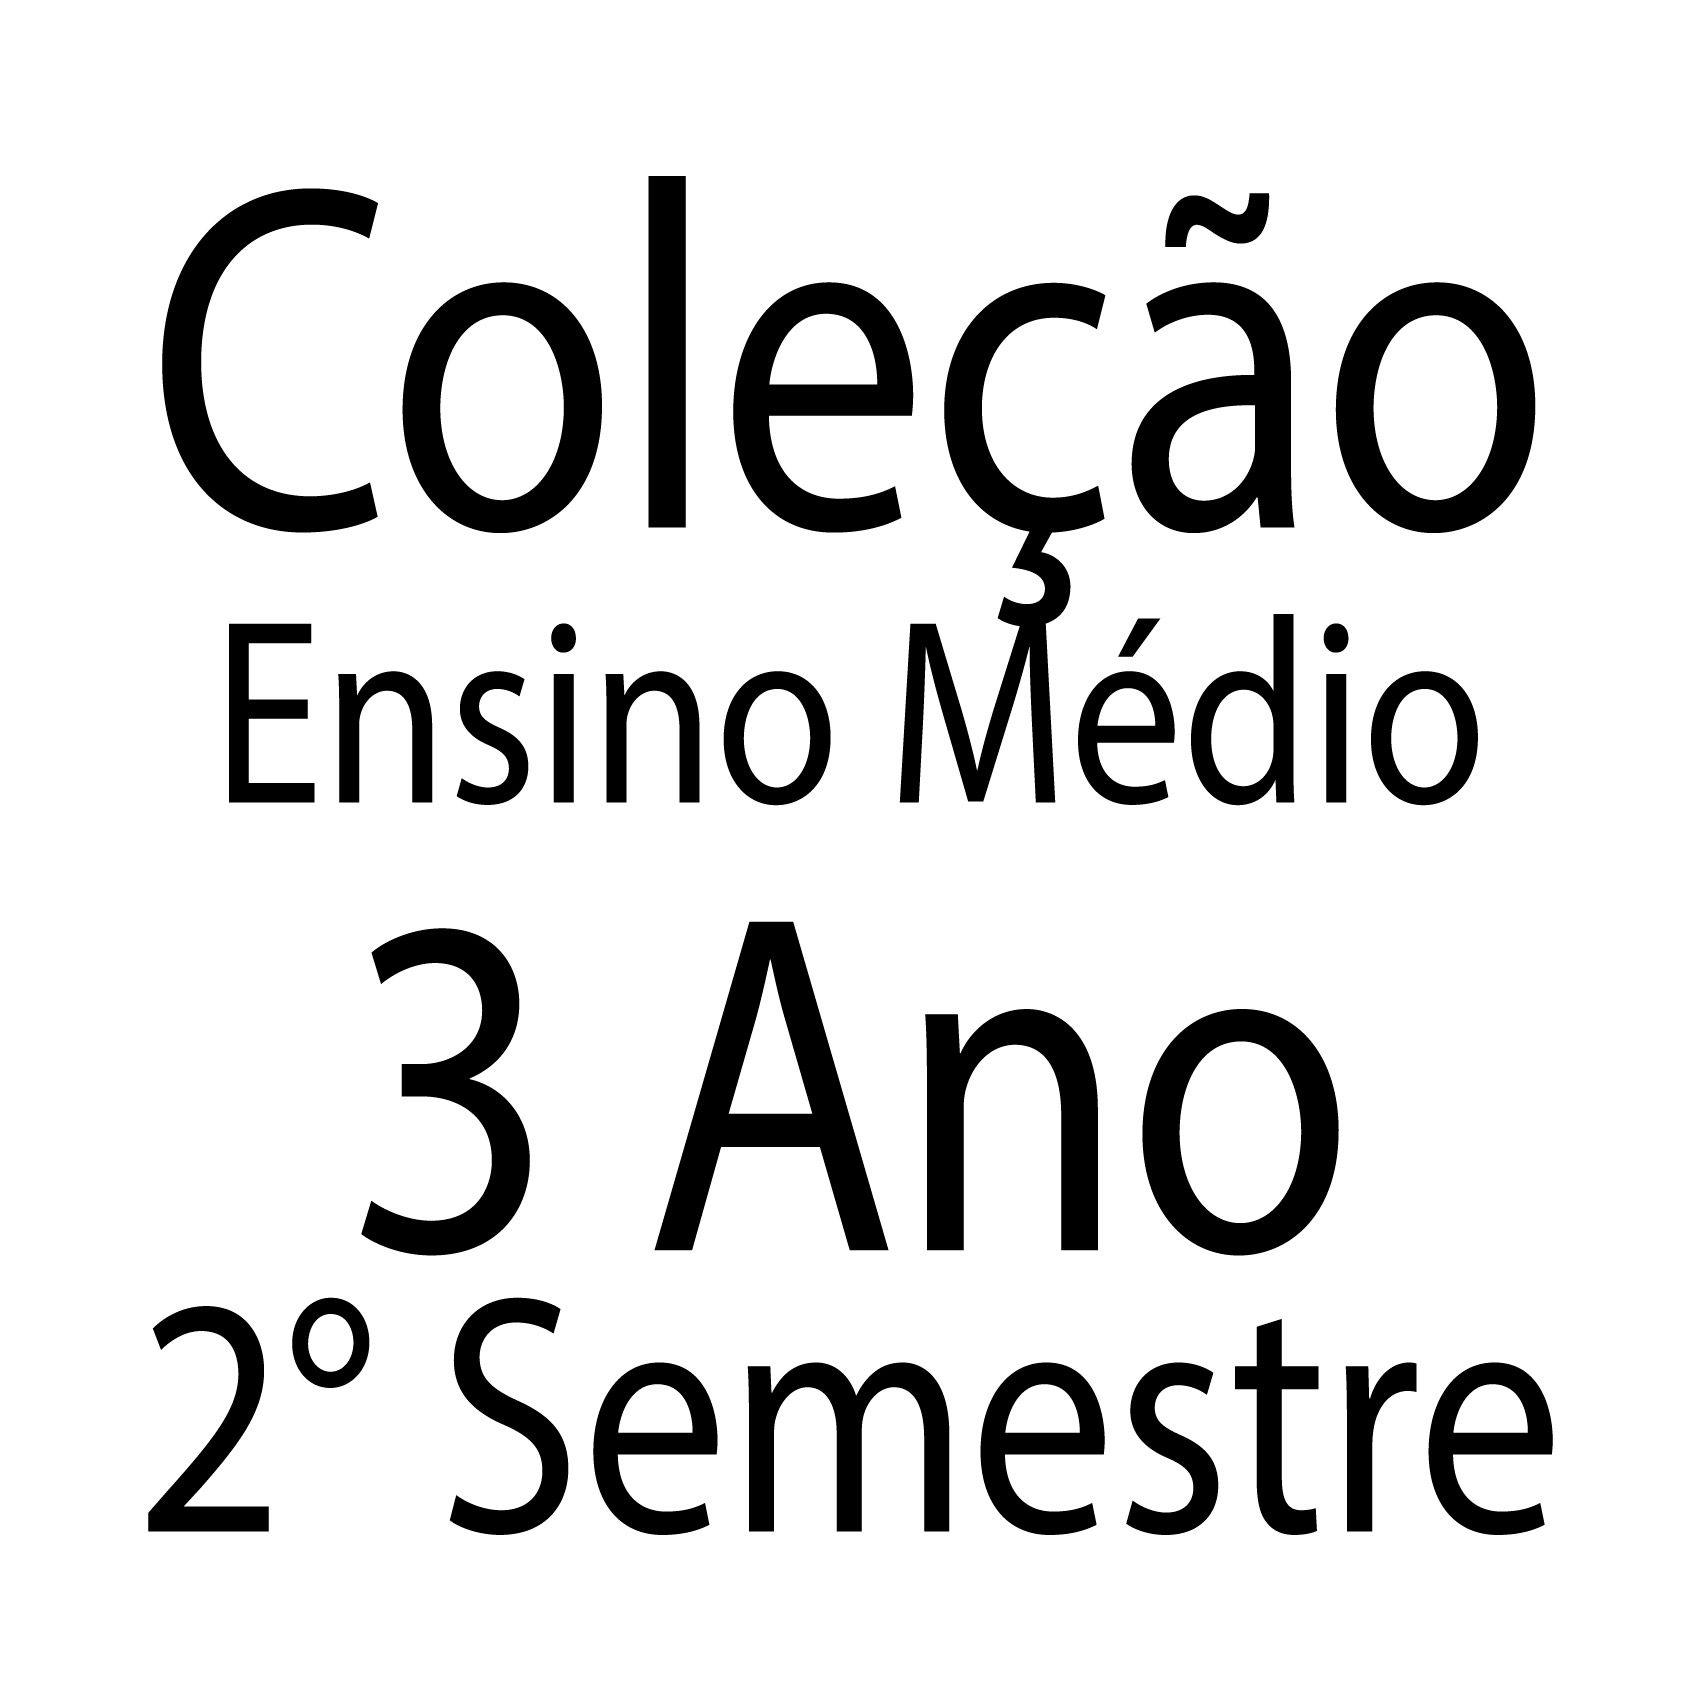 Coleção Ensino Médio - 3 Ano - 2° Semestre